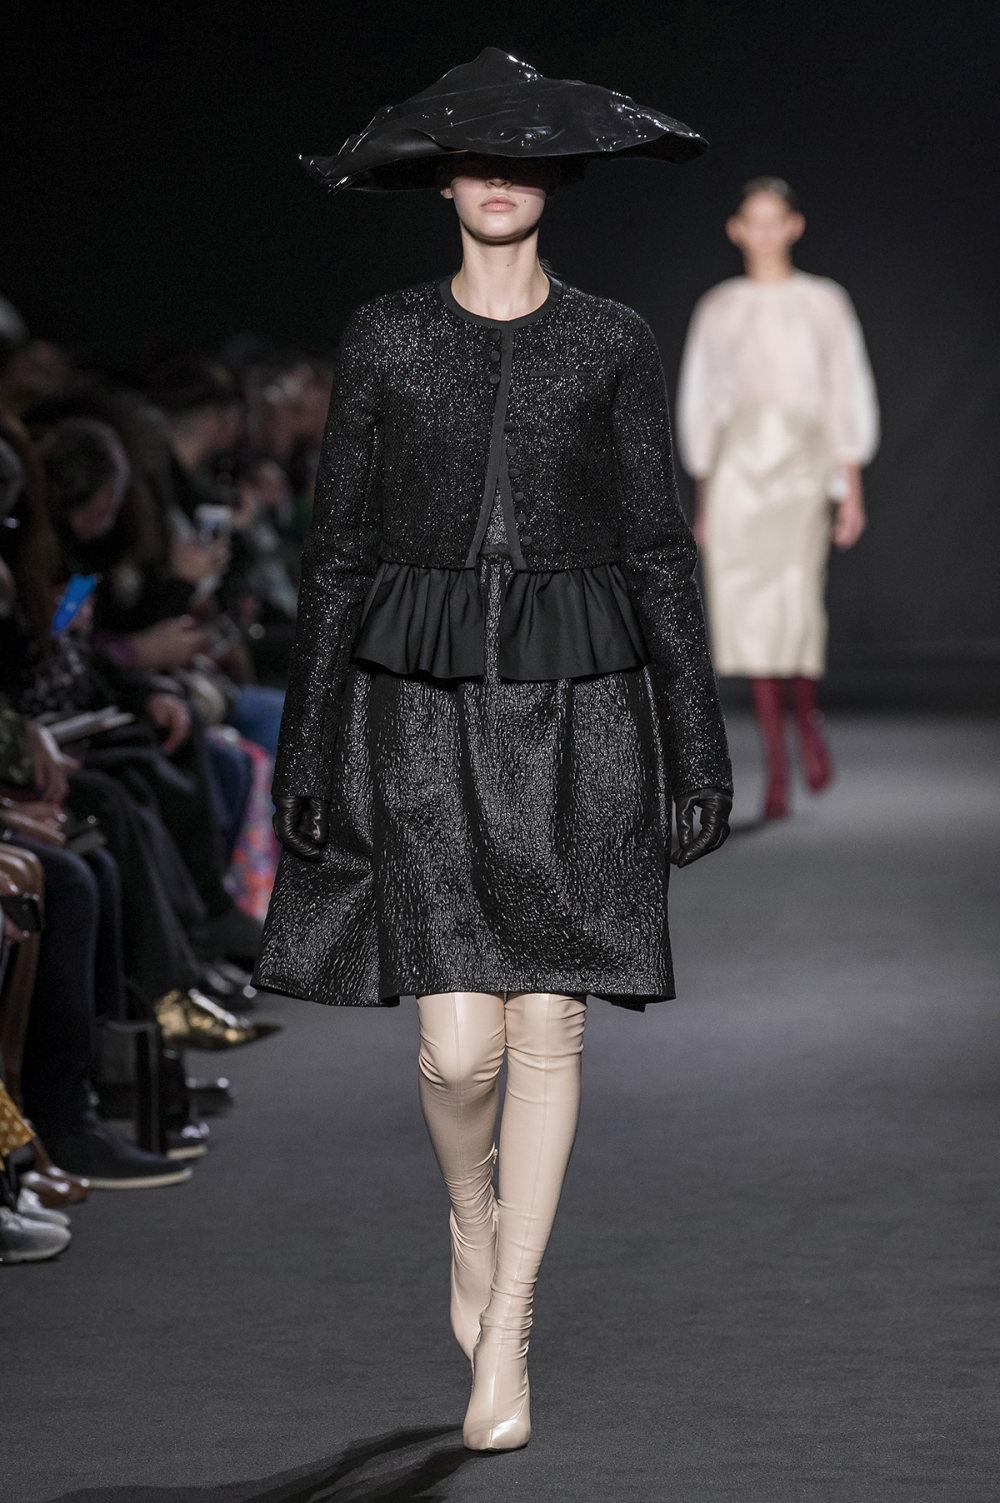 Rochas时装系列黑色无领斜纹软呢褶皱的黑色裙身饰有超细短袖衬衫-17.jpg